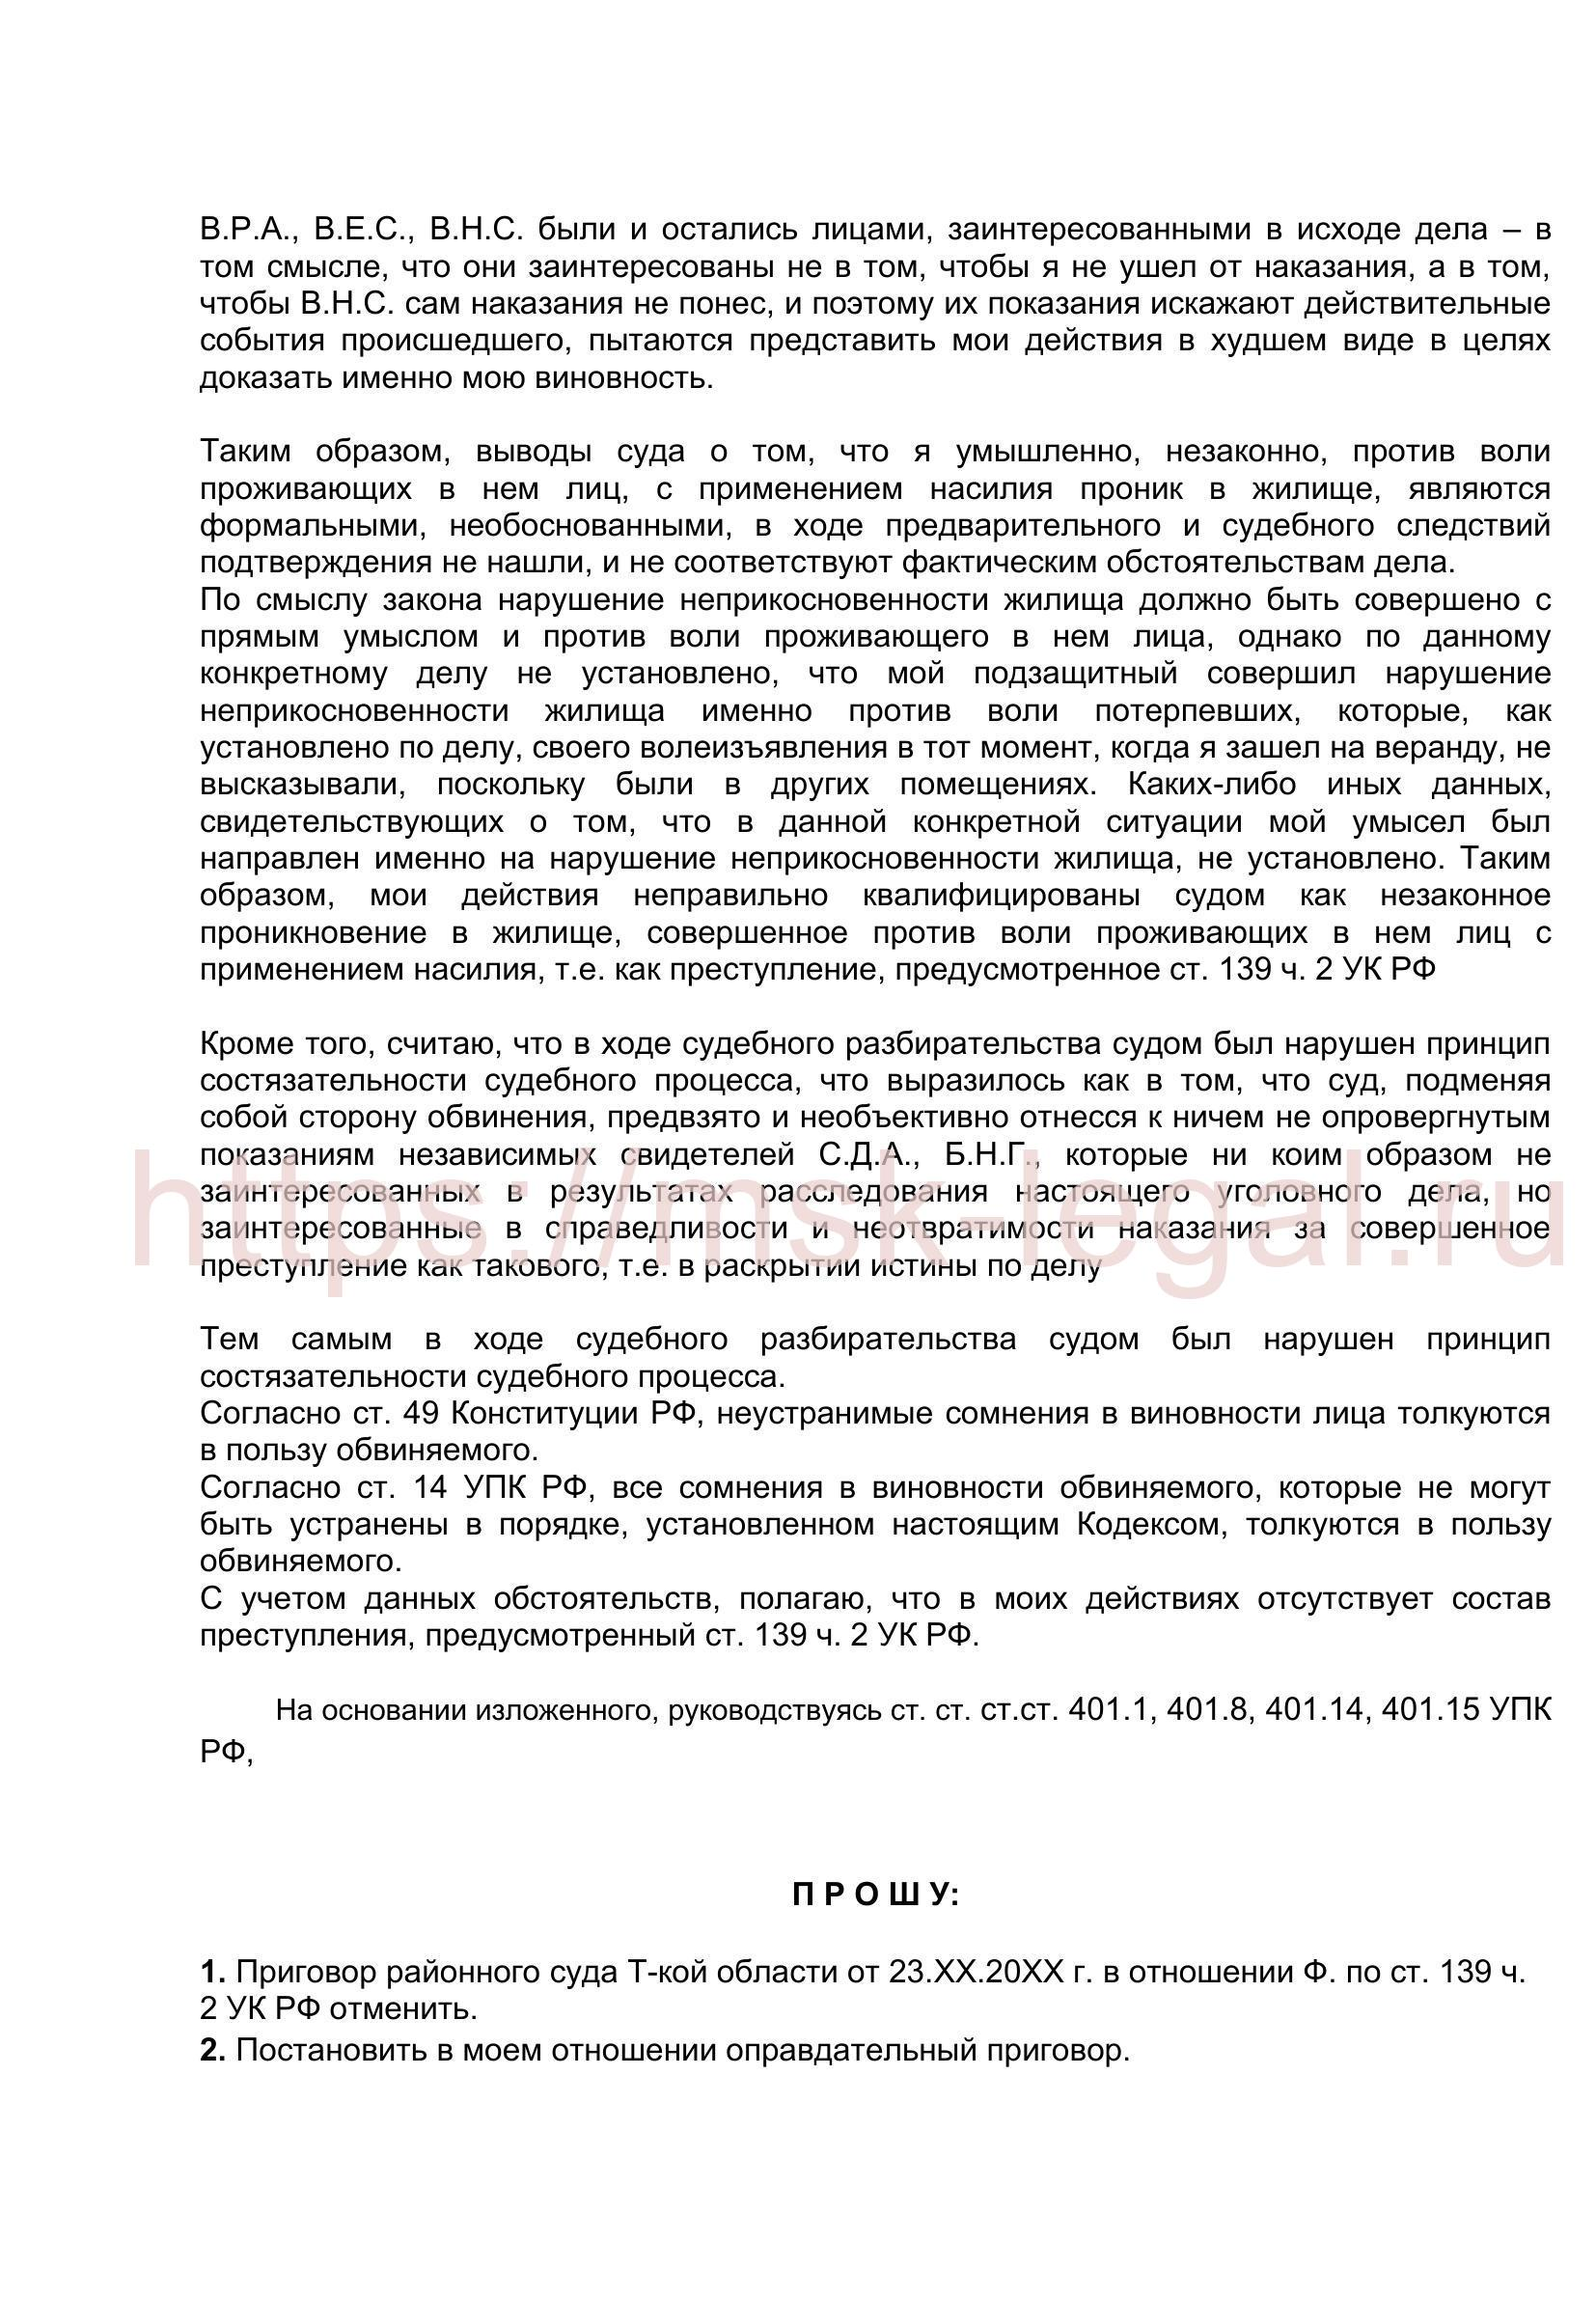 Кассационная жалоба на приговор по ст. 139 УК РФ